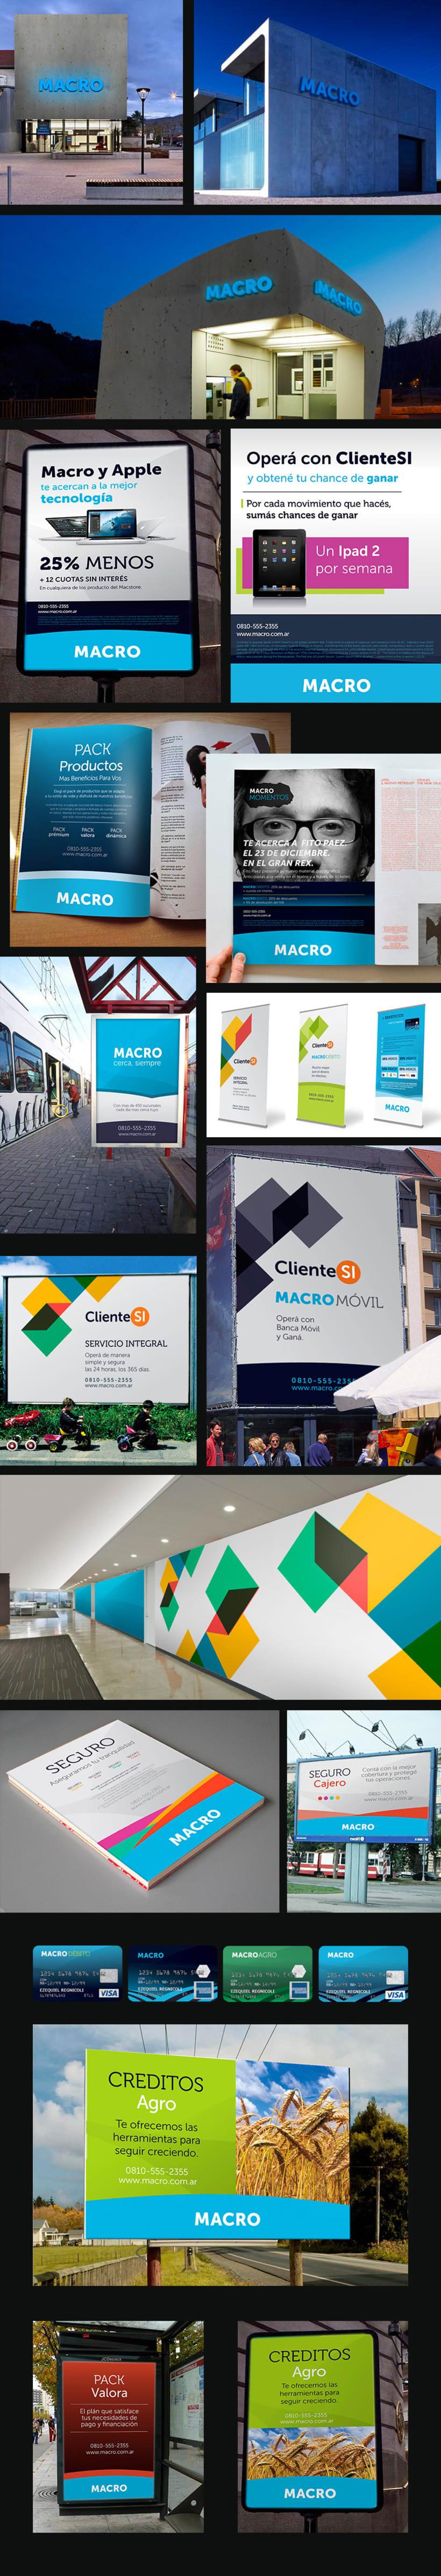 Branding / Imagen de marca / Identidad corporativa -1